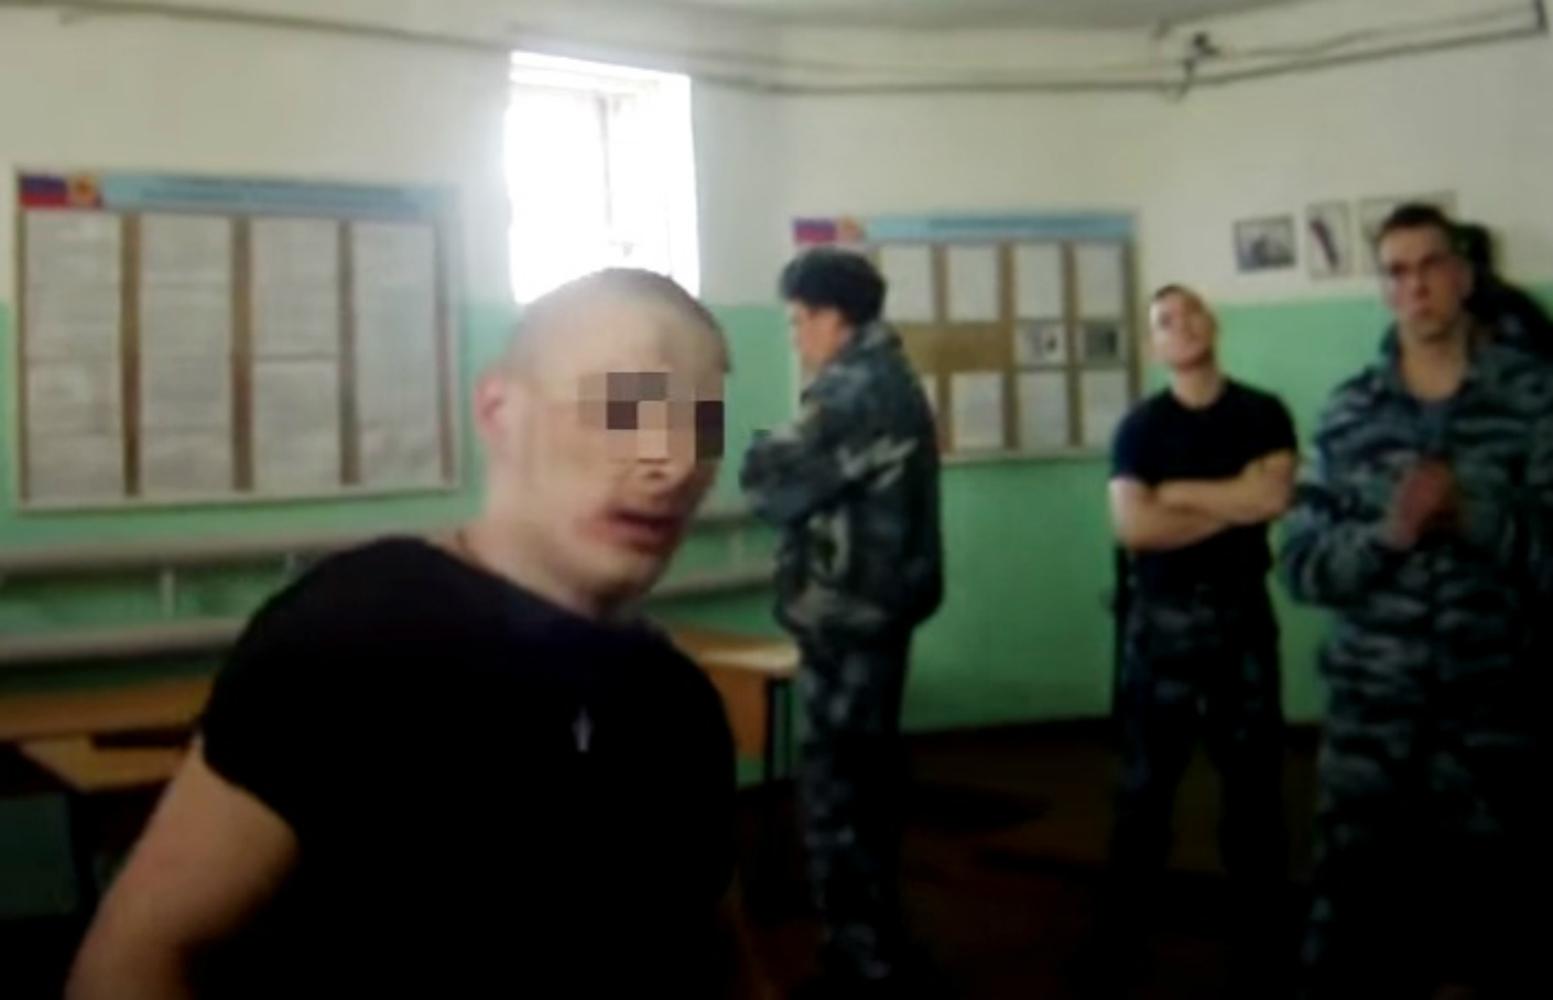 Когда запись возобновили, заключённый был в синяках